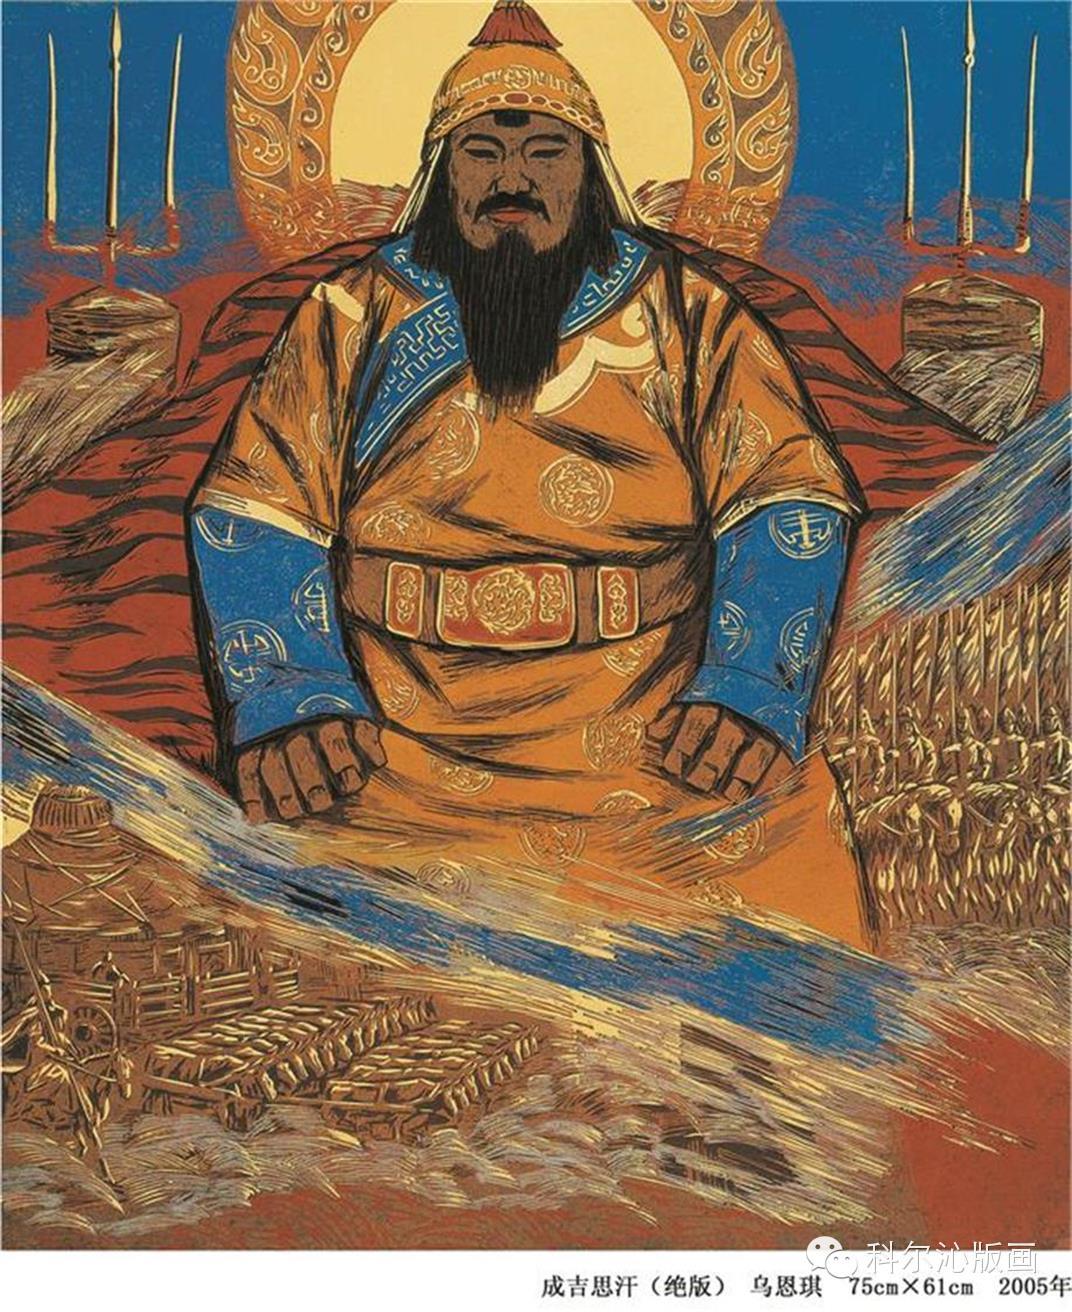 著名版画家乌恩琪作品欣赏 第10张